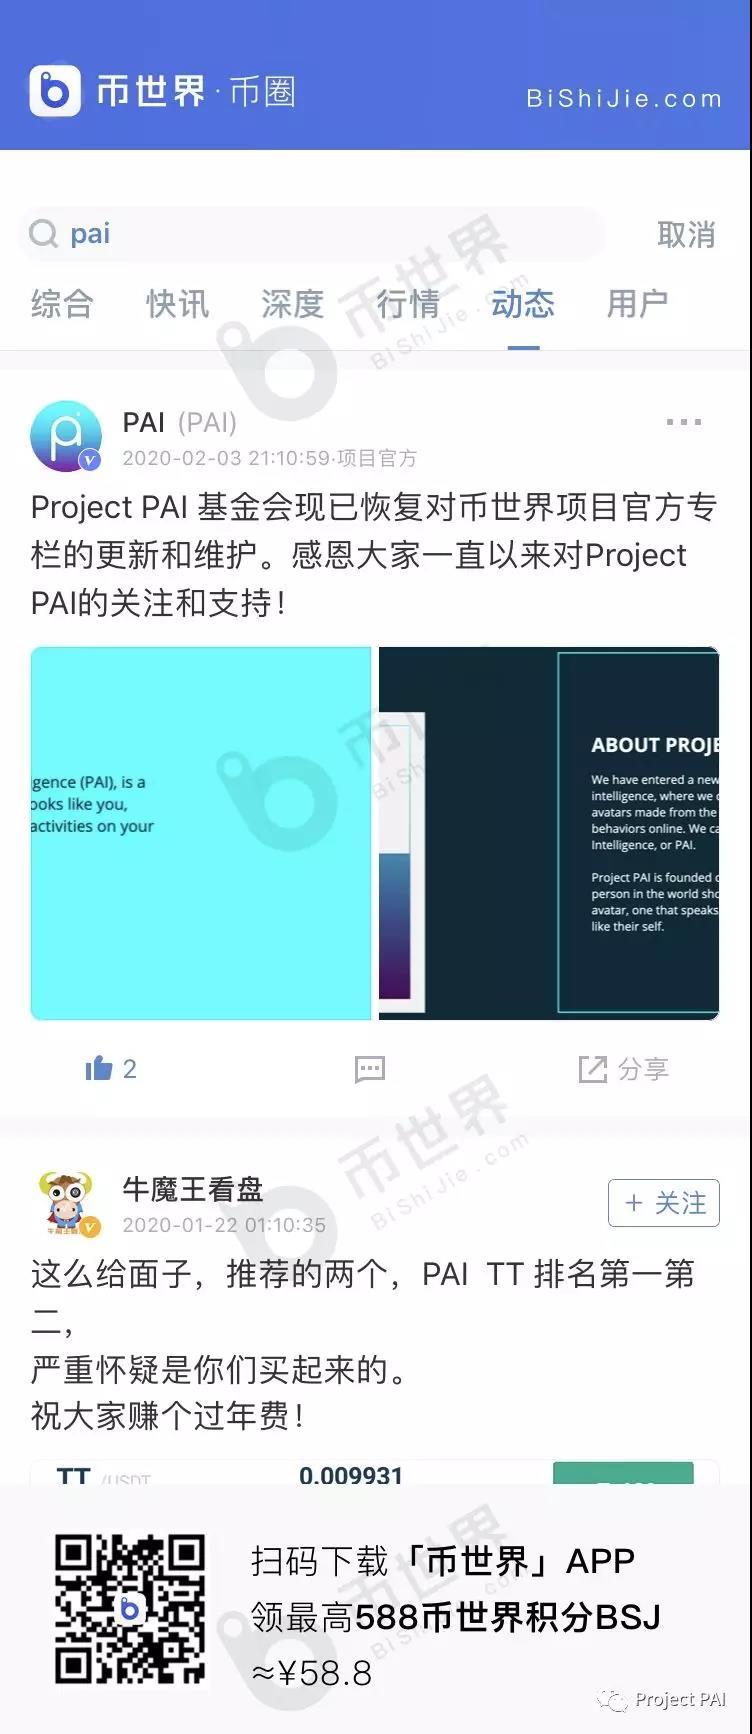 Project PAI 已恢复币世界专栏的运营